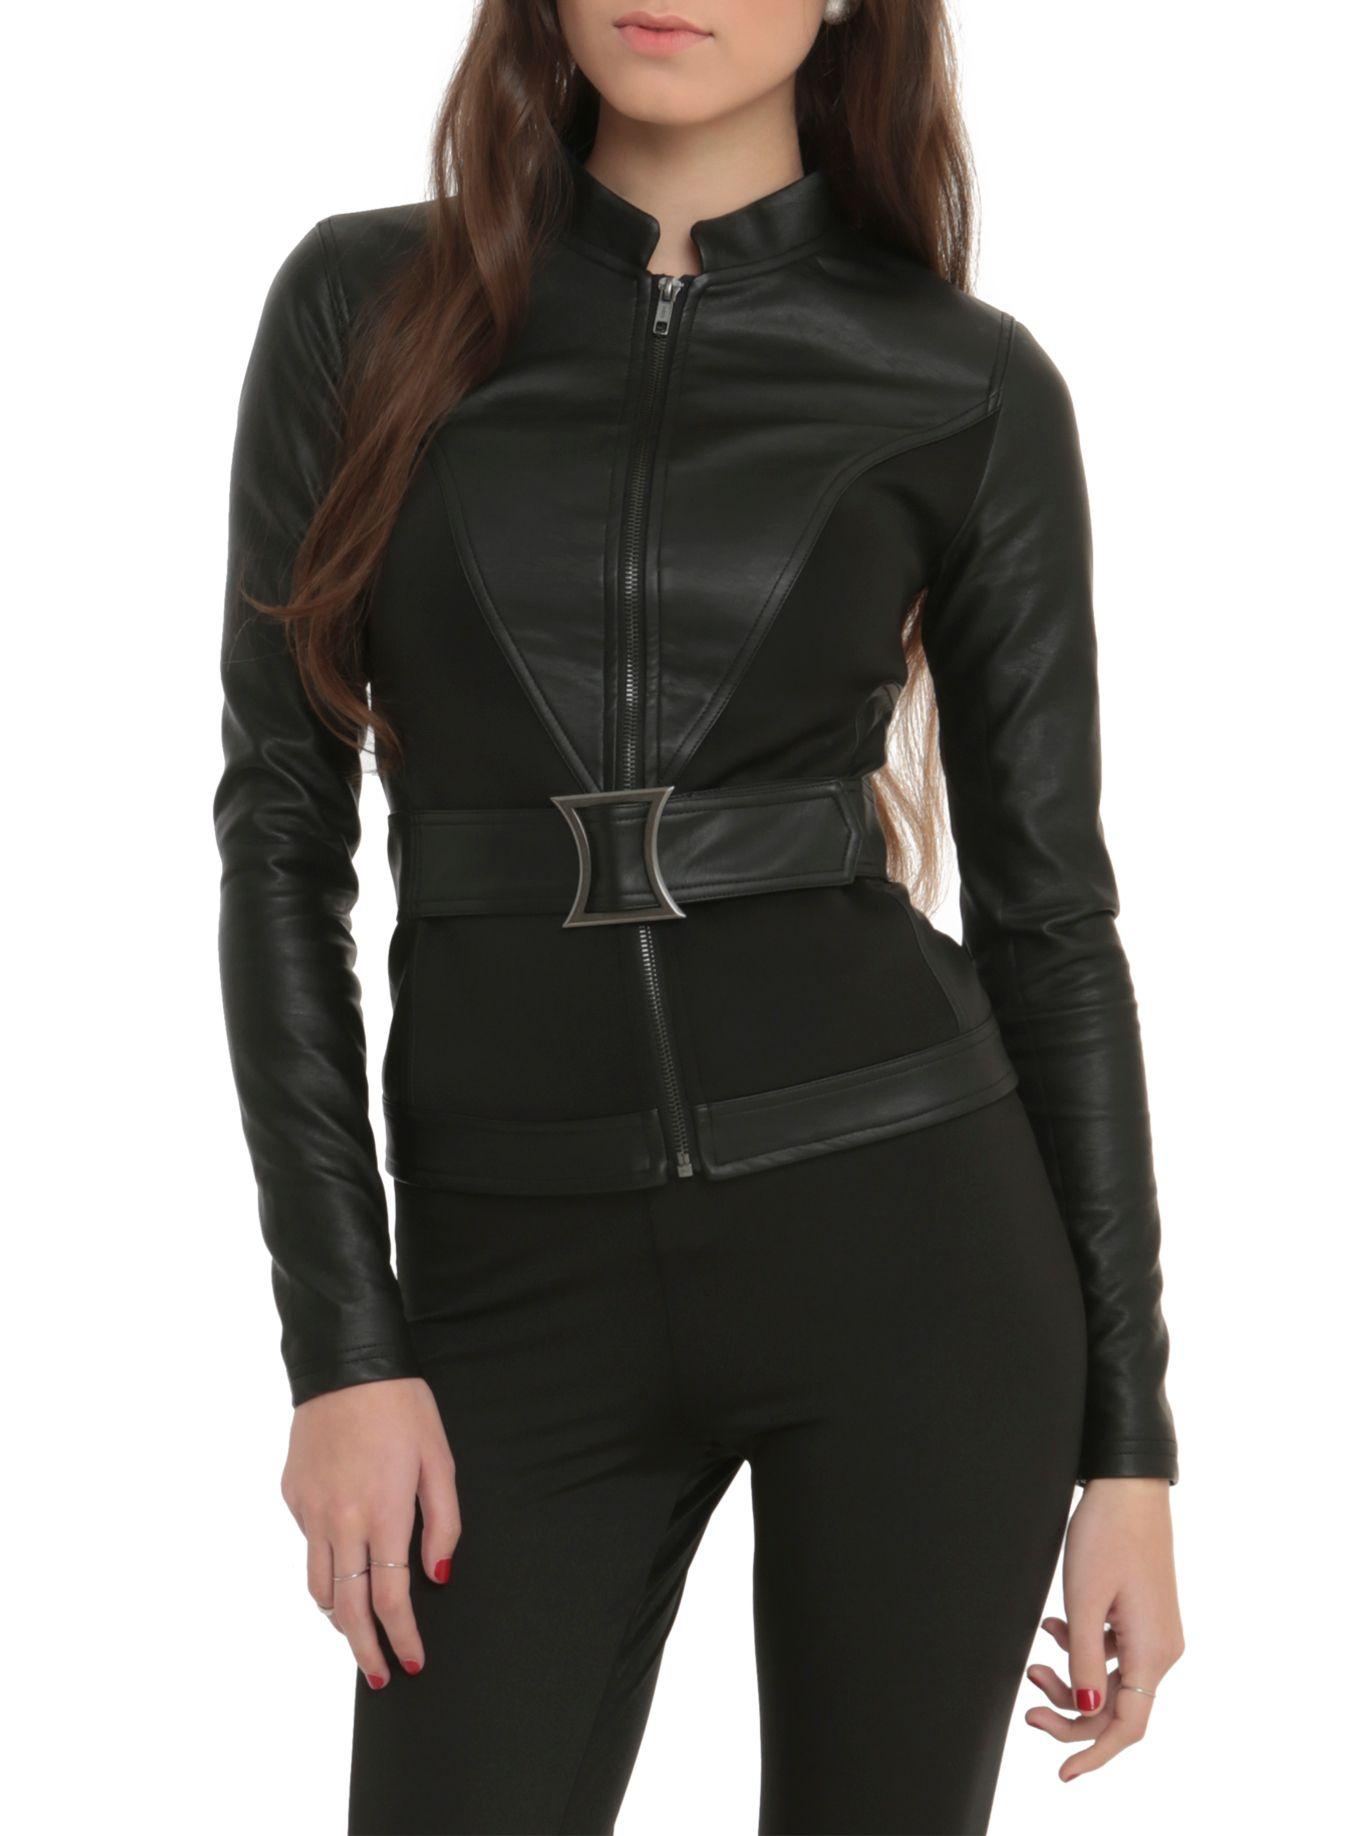 I splurged and got this BADASS Black Widow jacket(it wasn